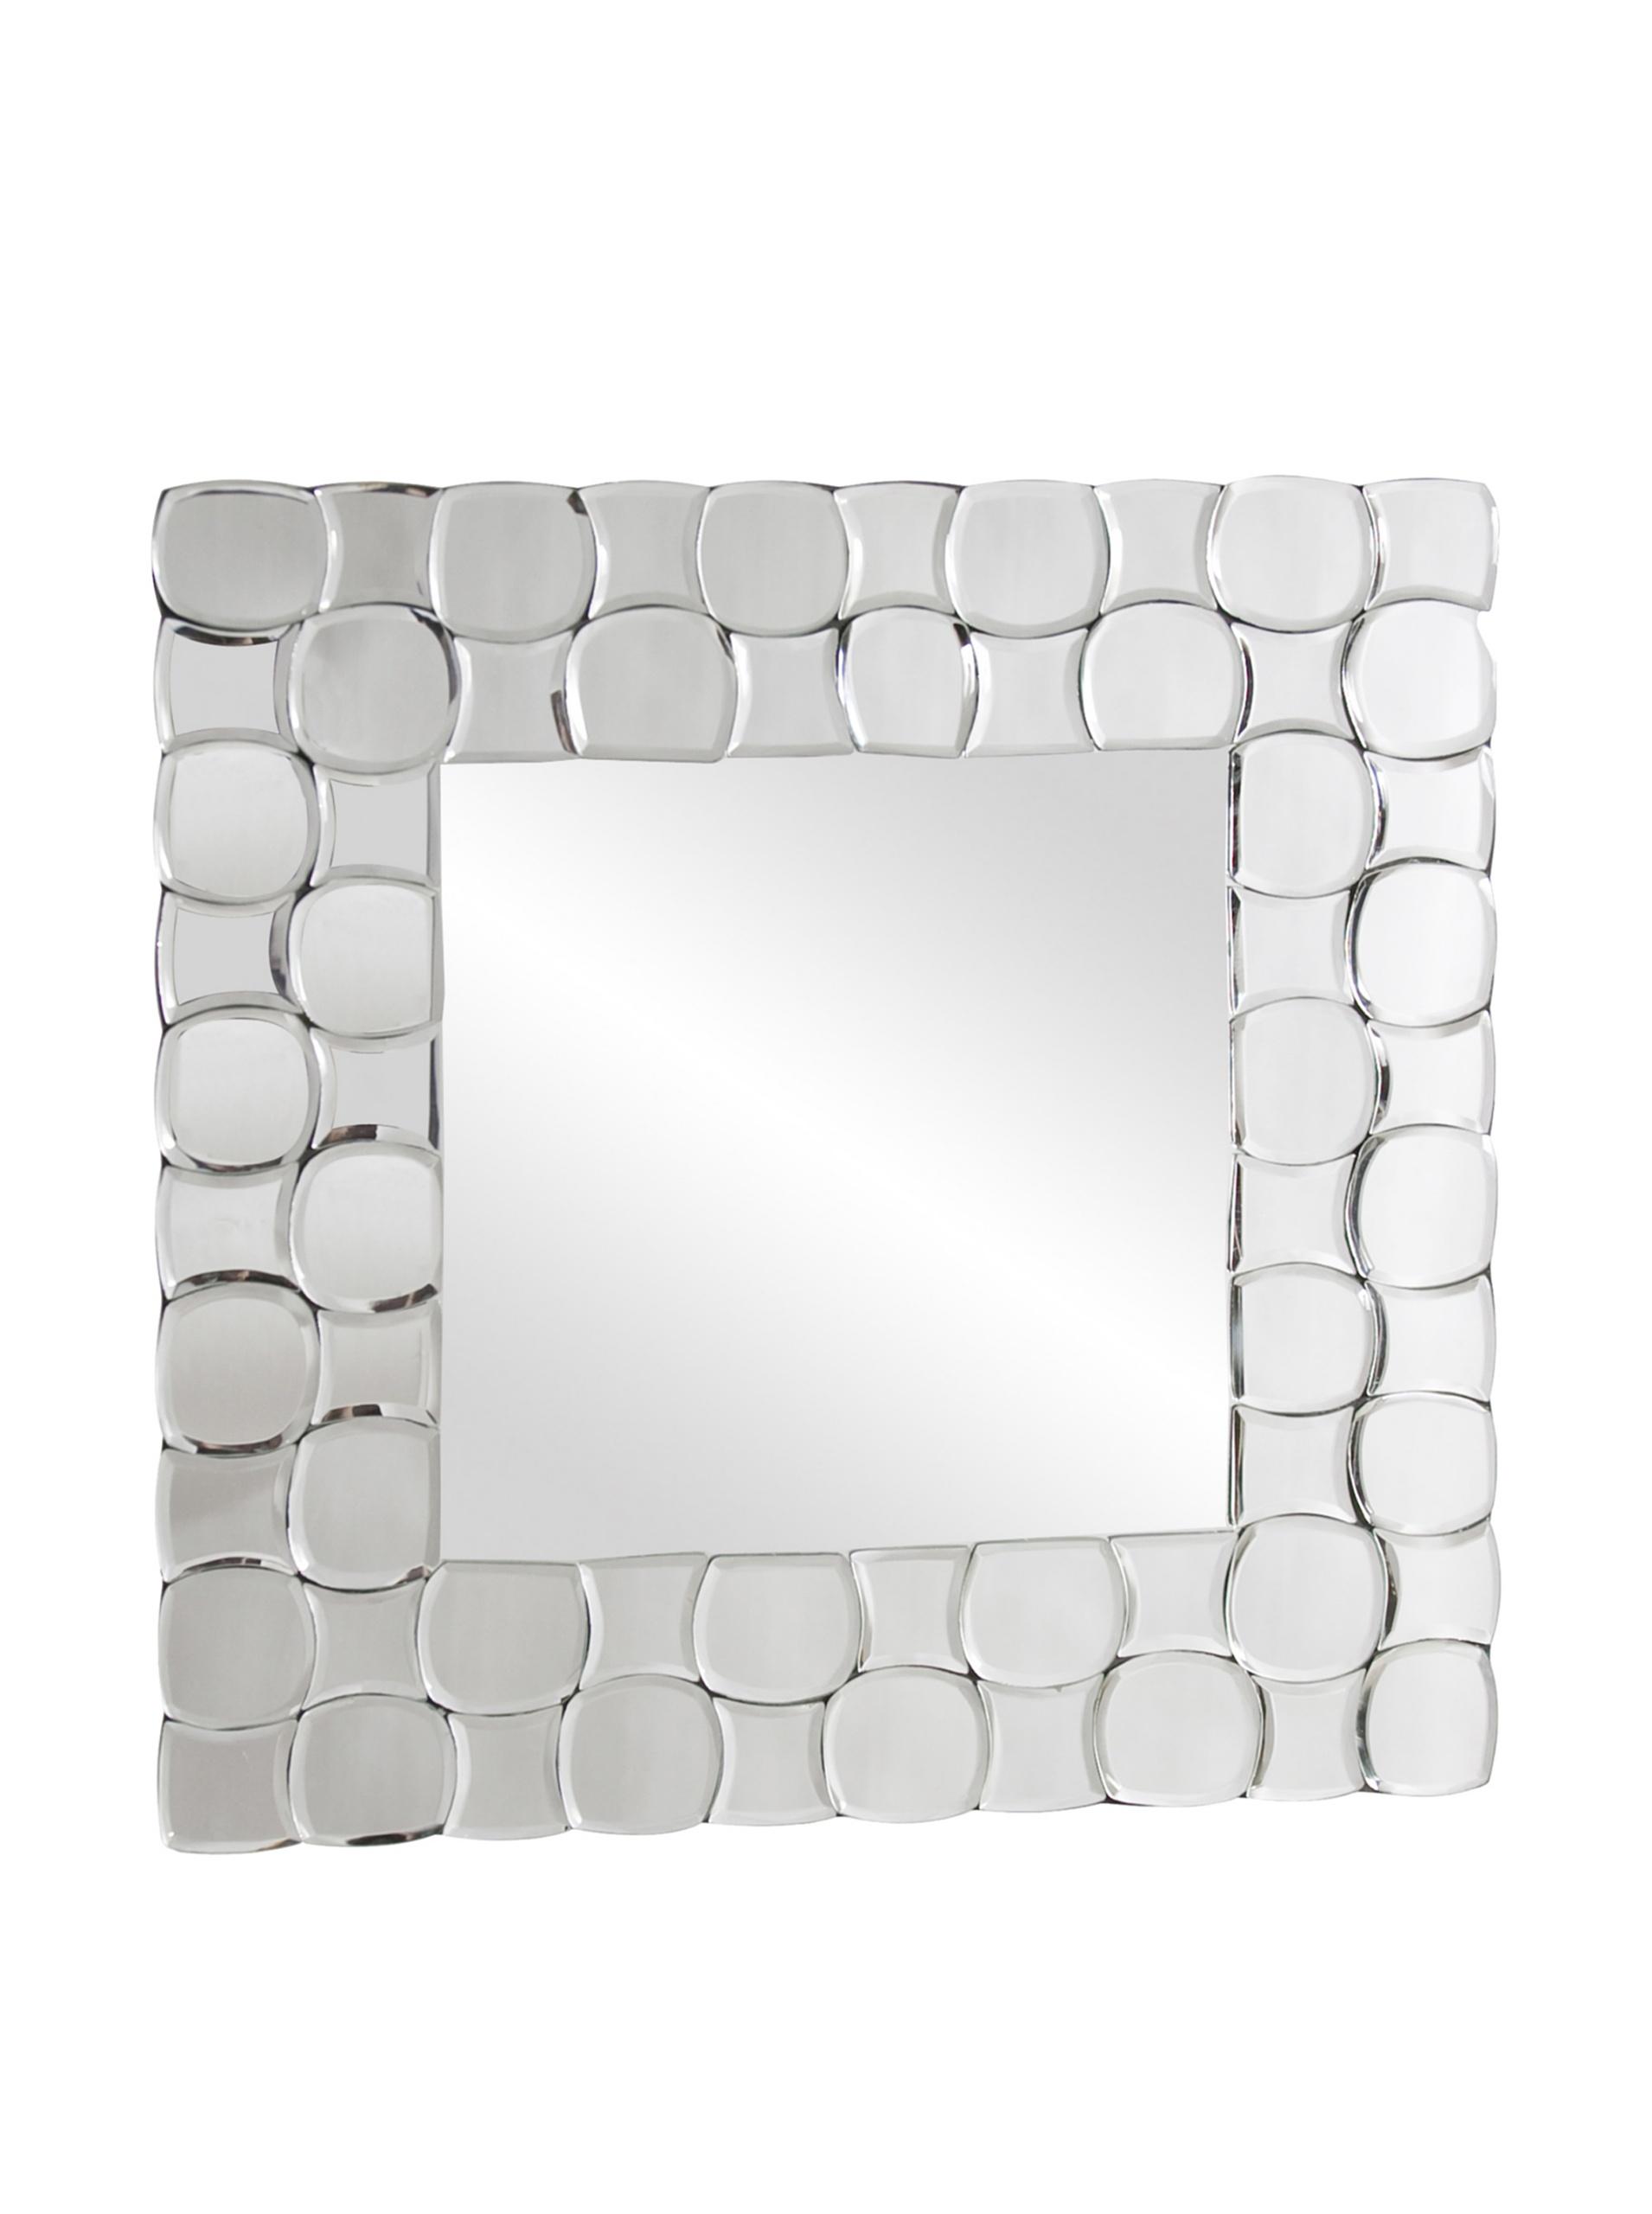 Majestic Mirror, Silver